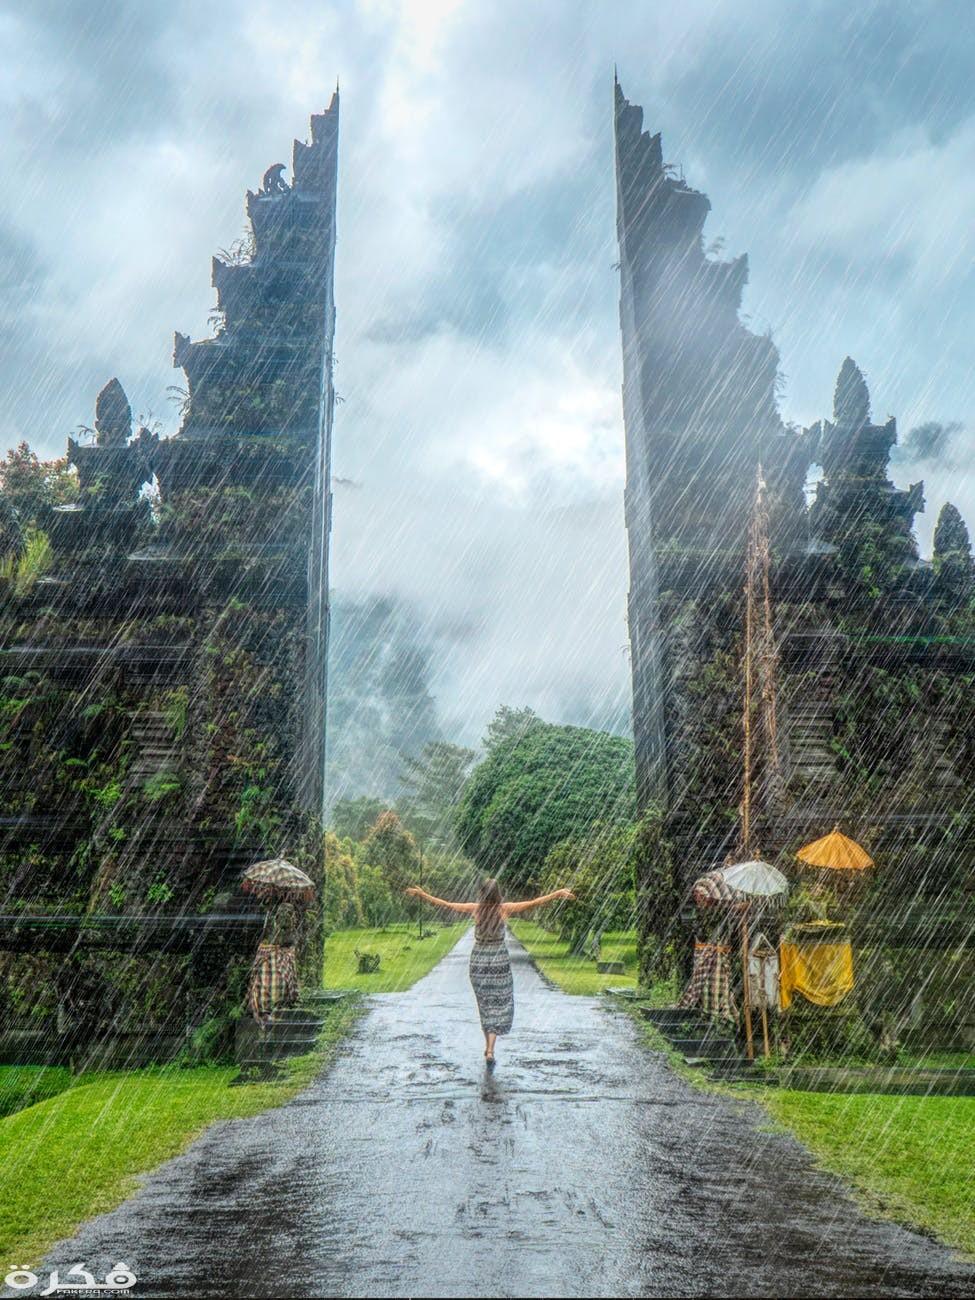 تفسير حلم رؤية المطر الغزير وتأويله - موقع فكرة